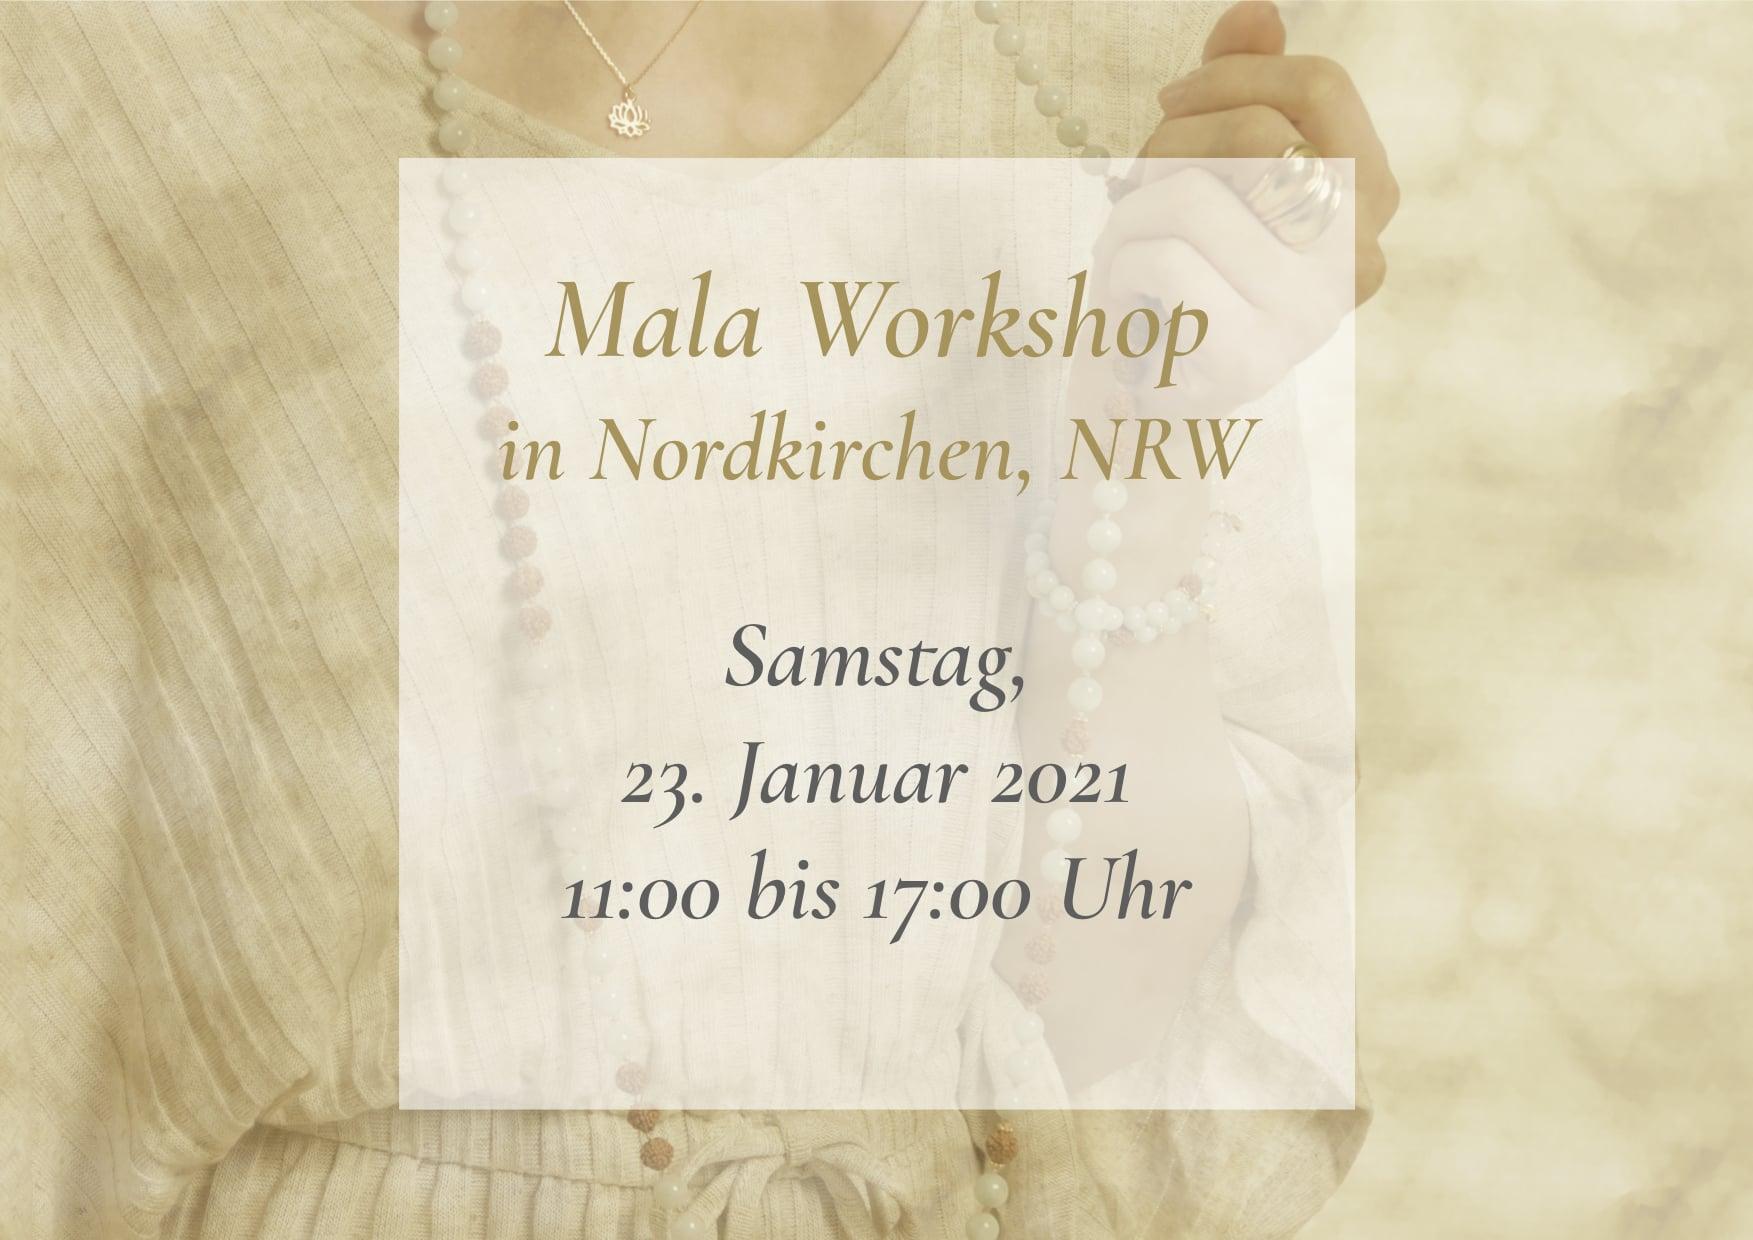 NW_Mala_WS_01_2021_Nordkirchen_EN